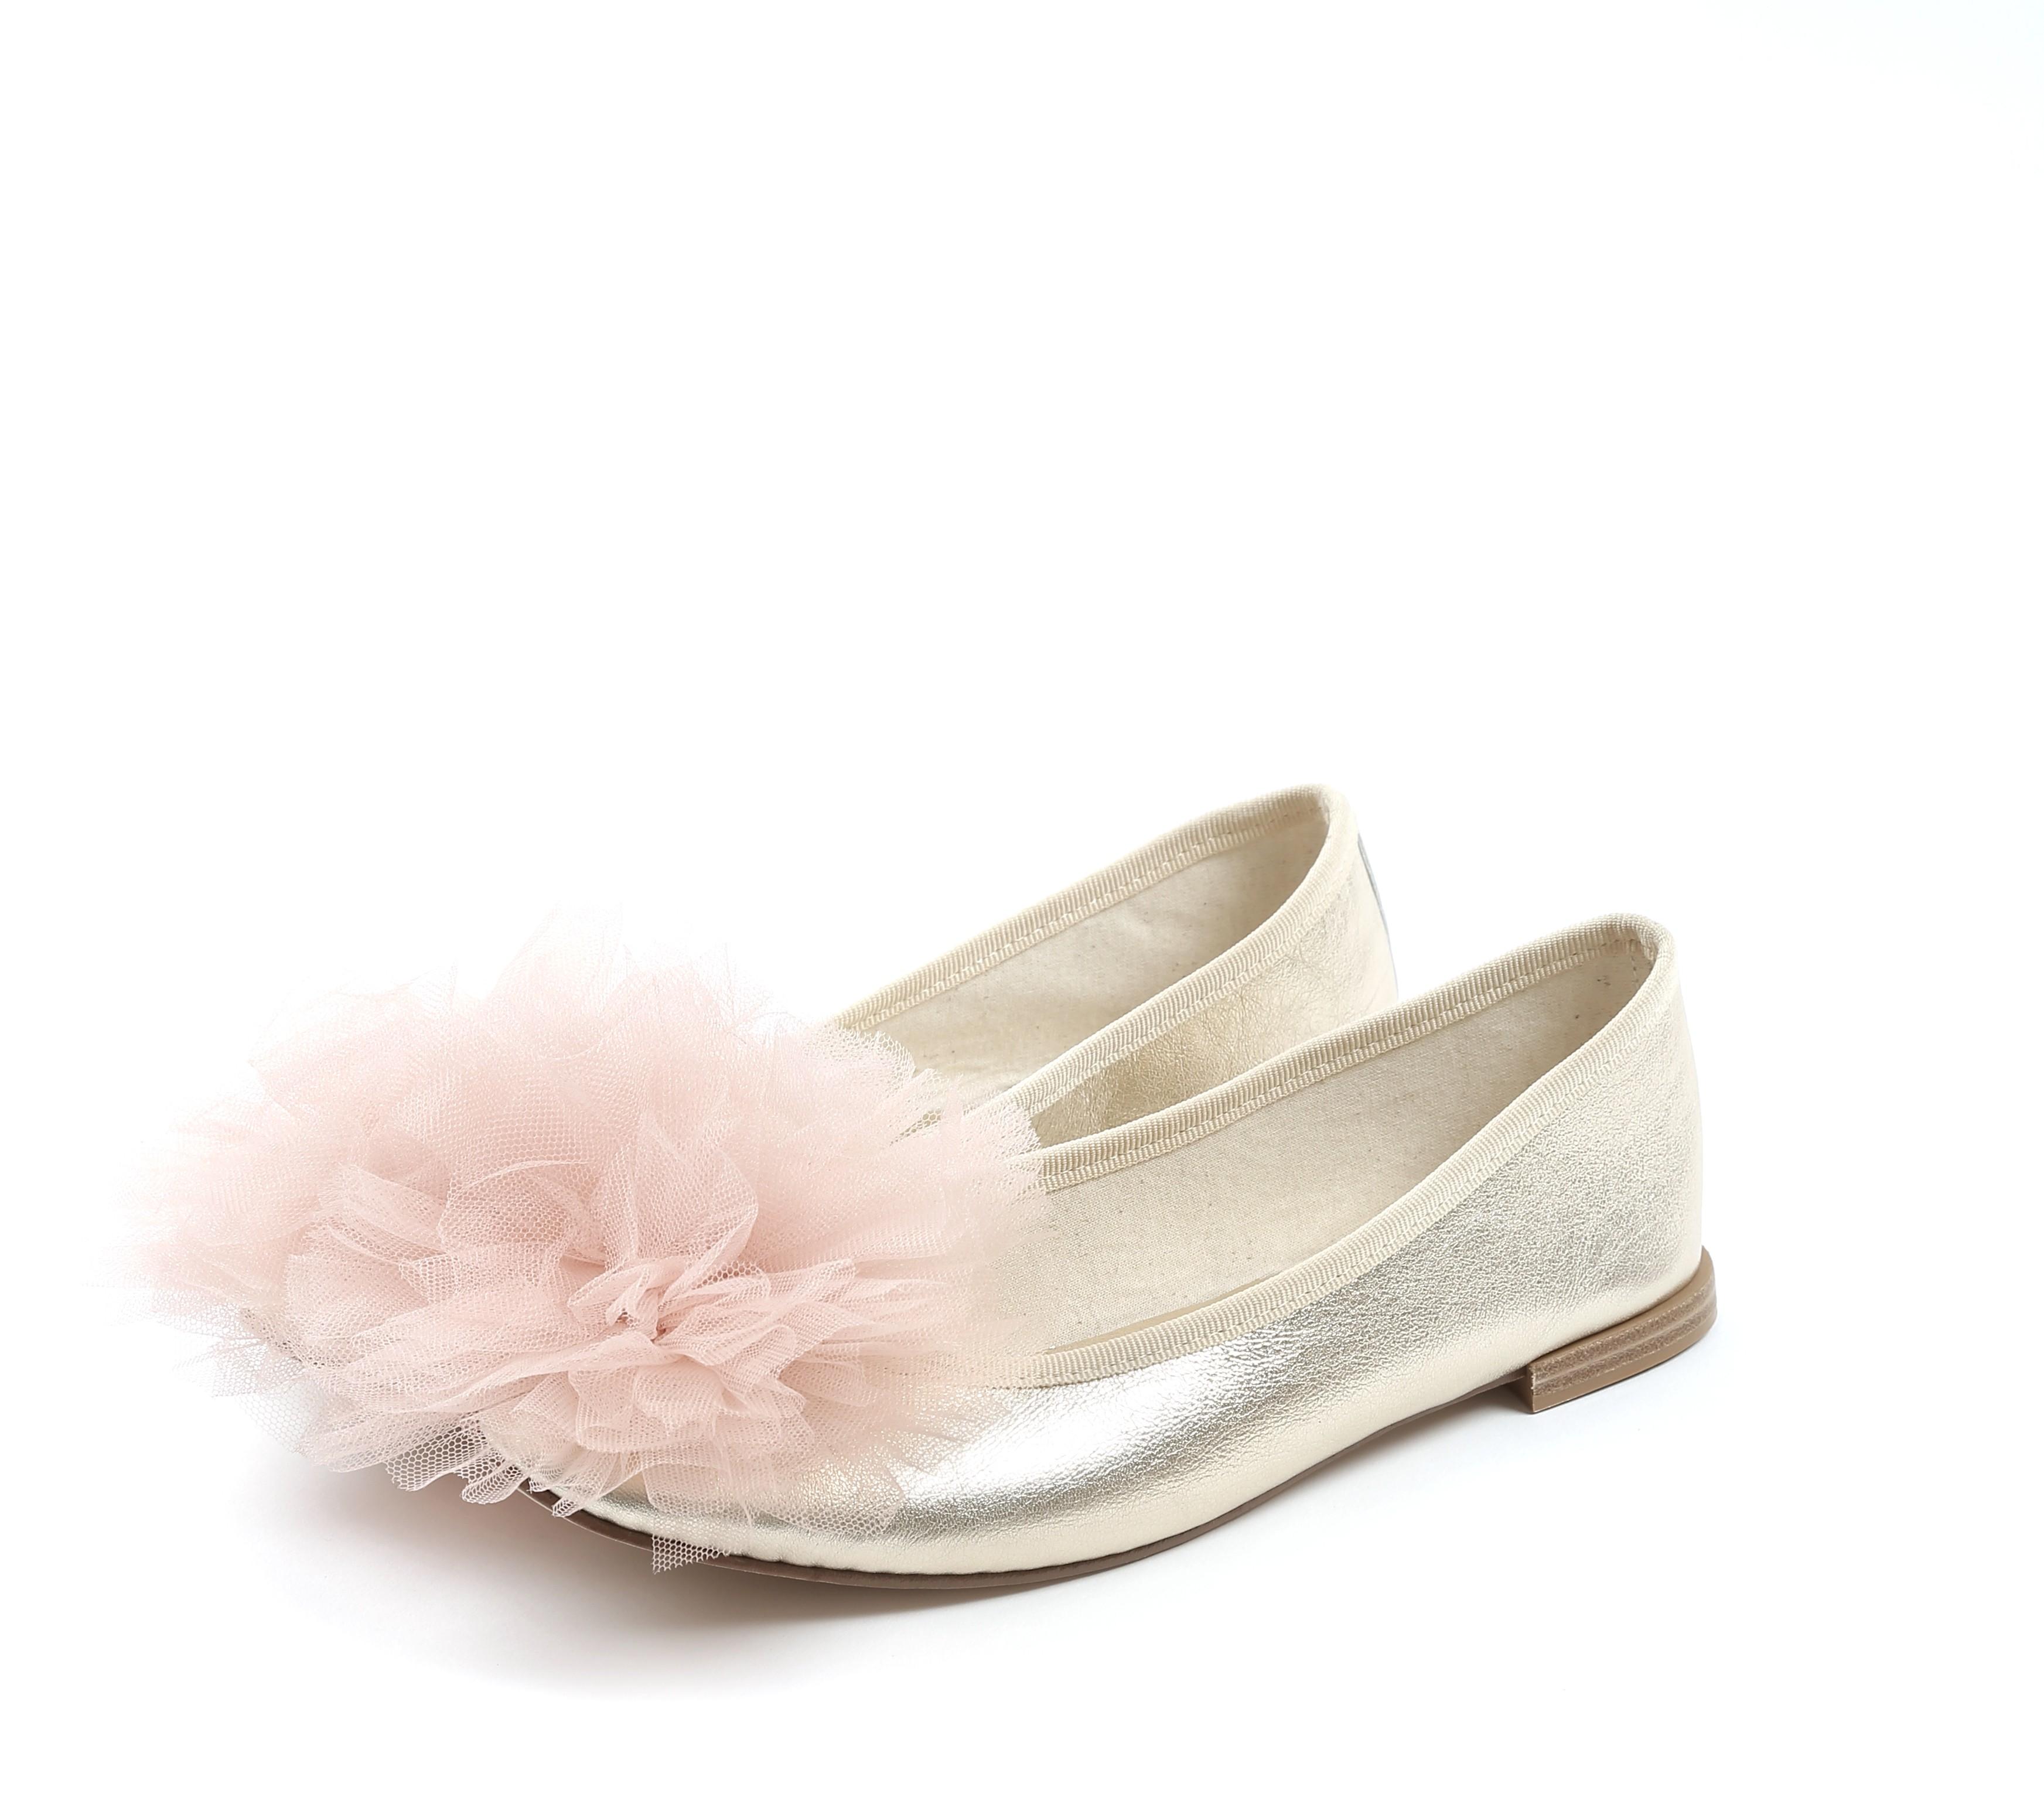 Ballerina Cendrillon / Karena Lam x Repetto